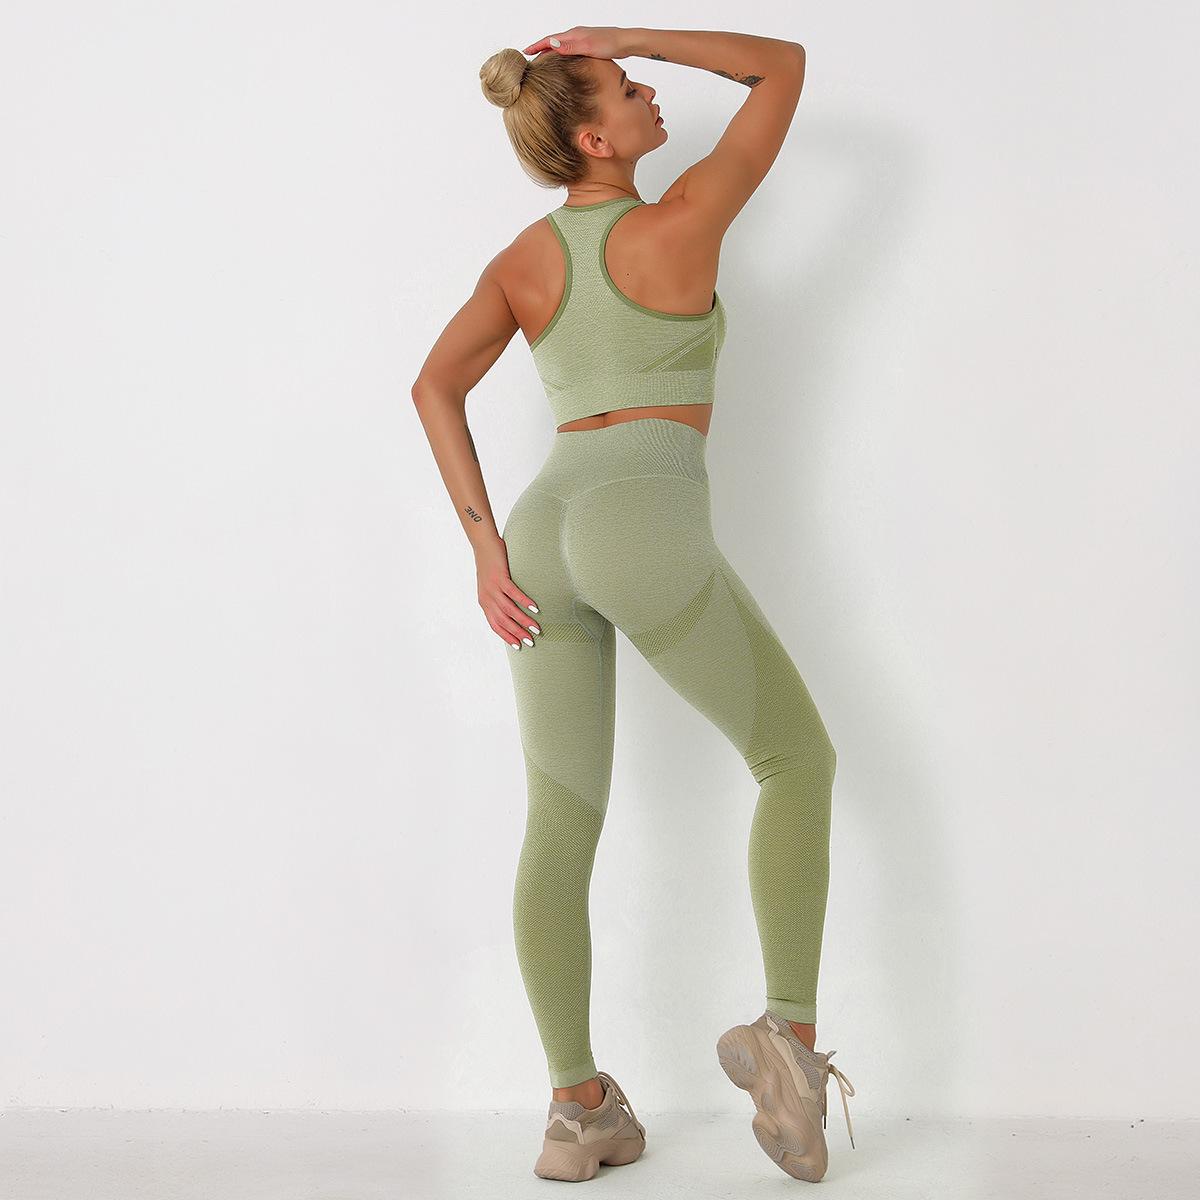 Light support sport bra & seamless wideband waist legging set NSLX48726